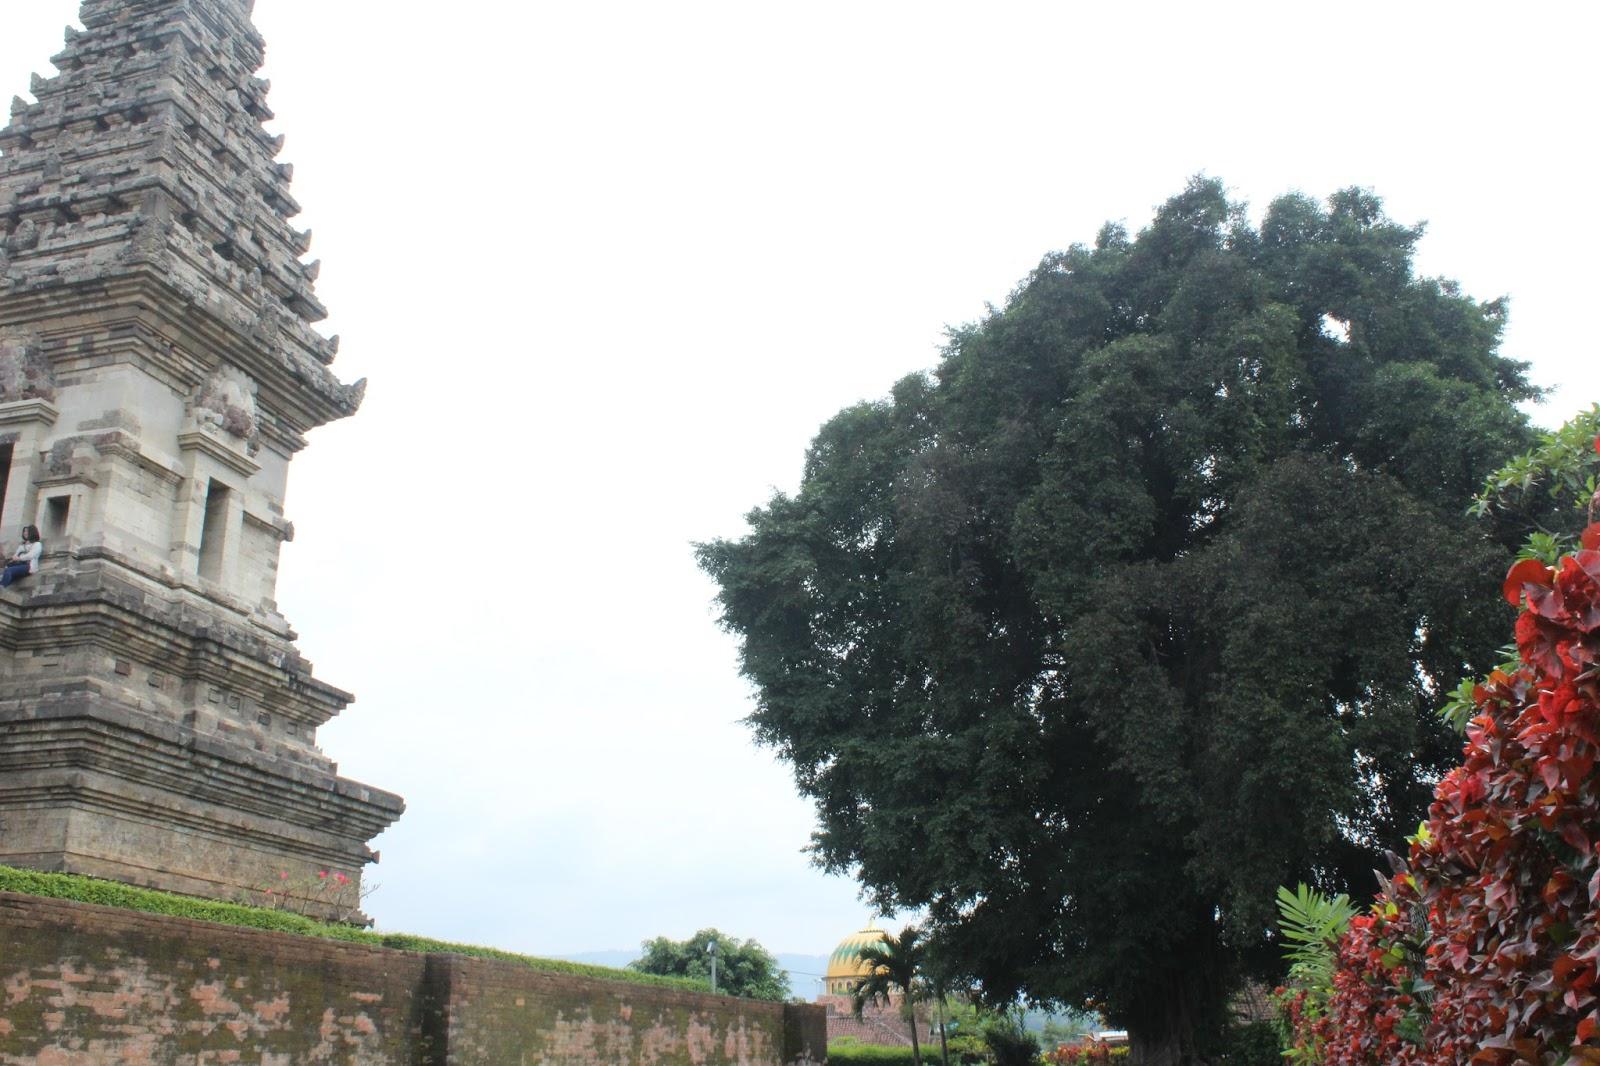 Aksobya Acra Situs Wisata Sejarah Episode Candi Jawi Pasuruan Kab